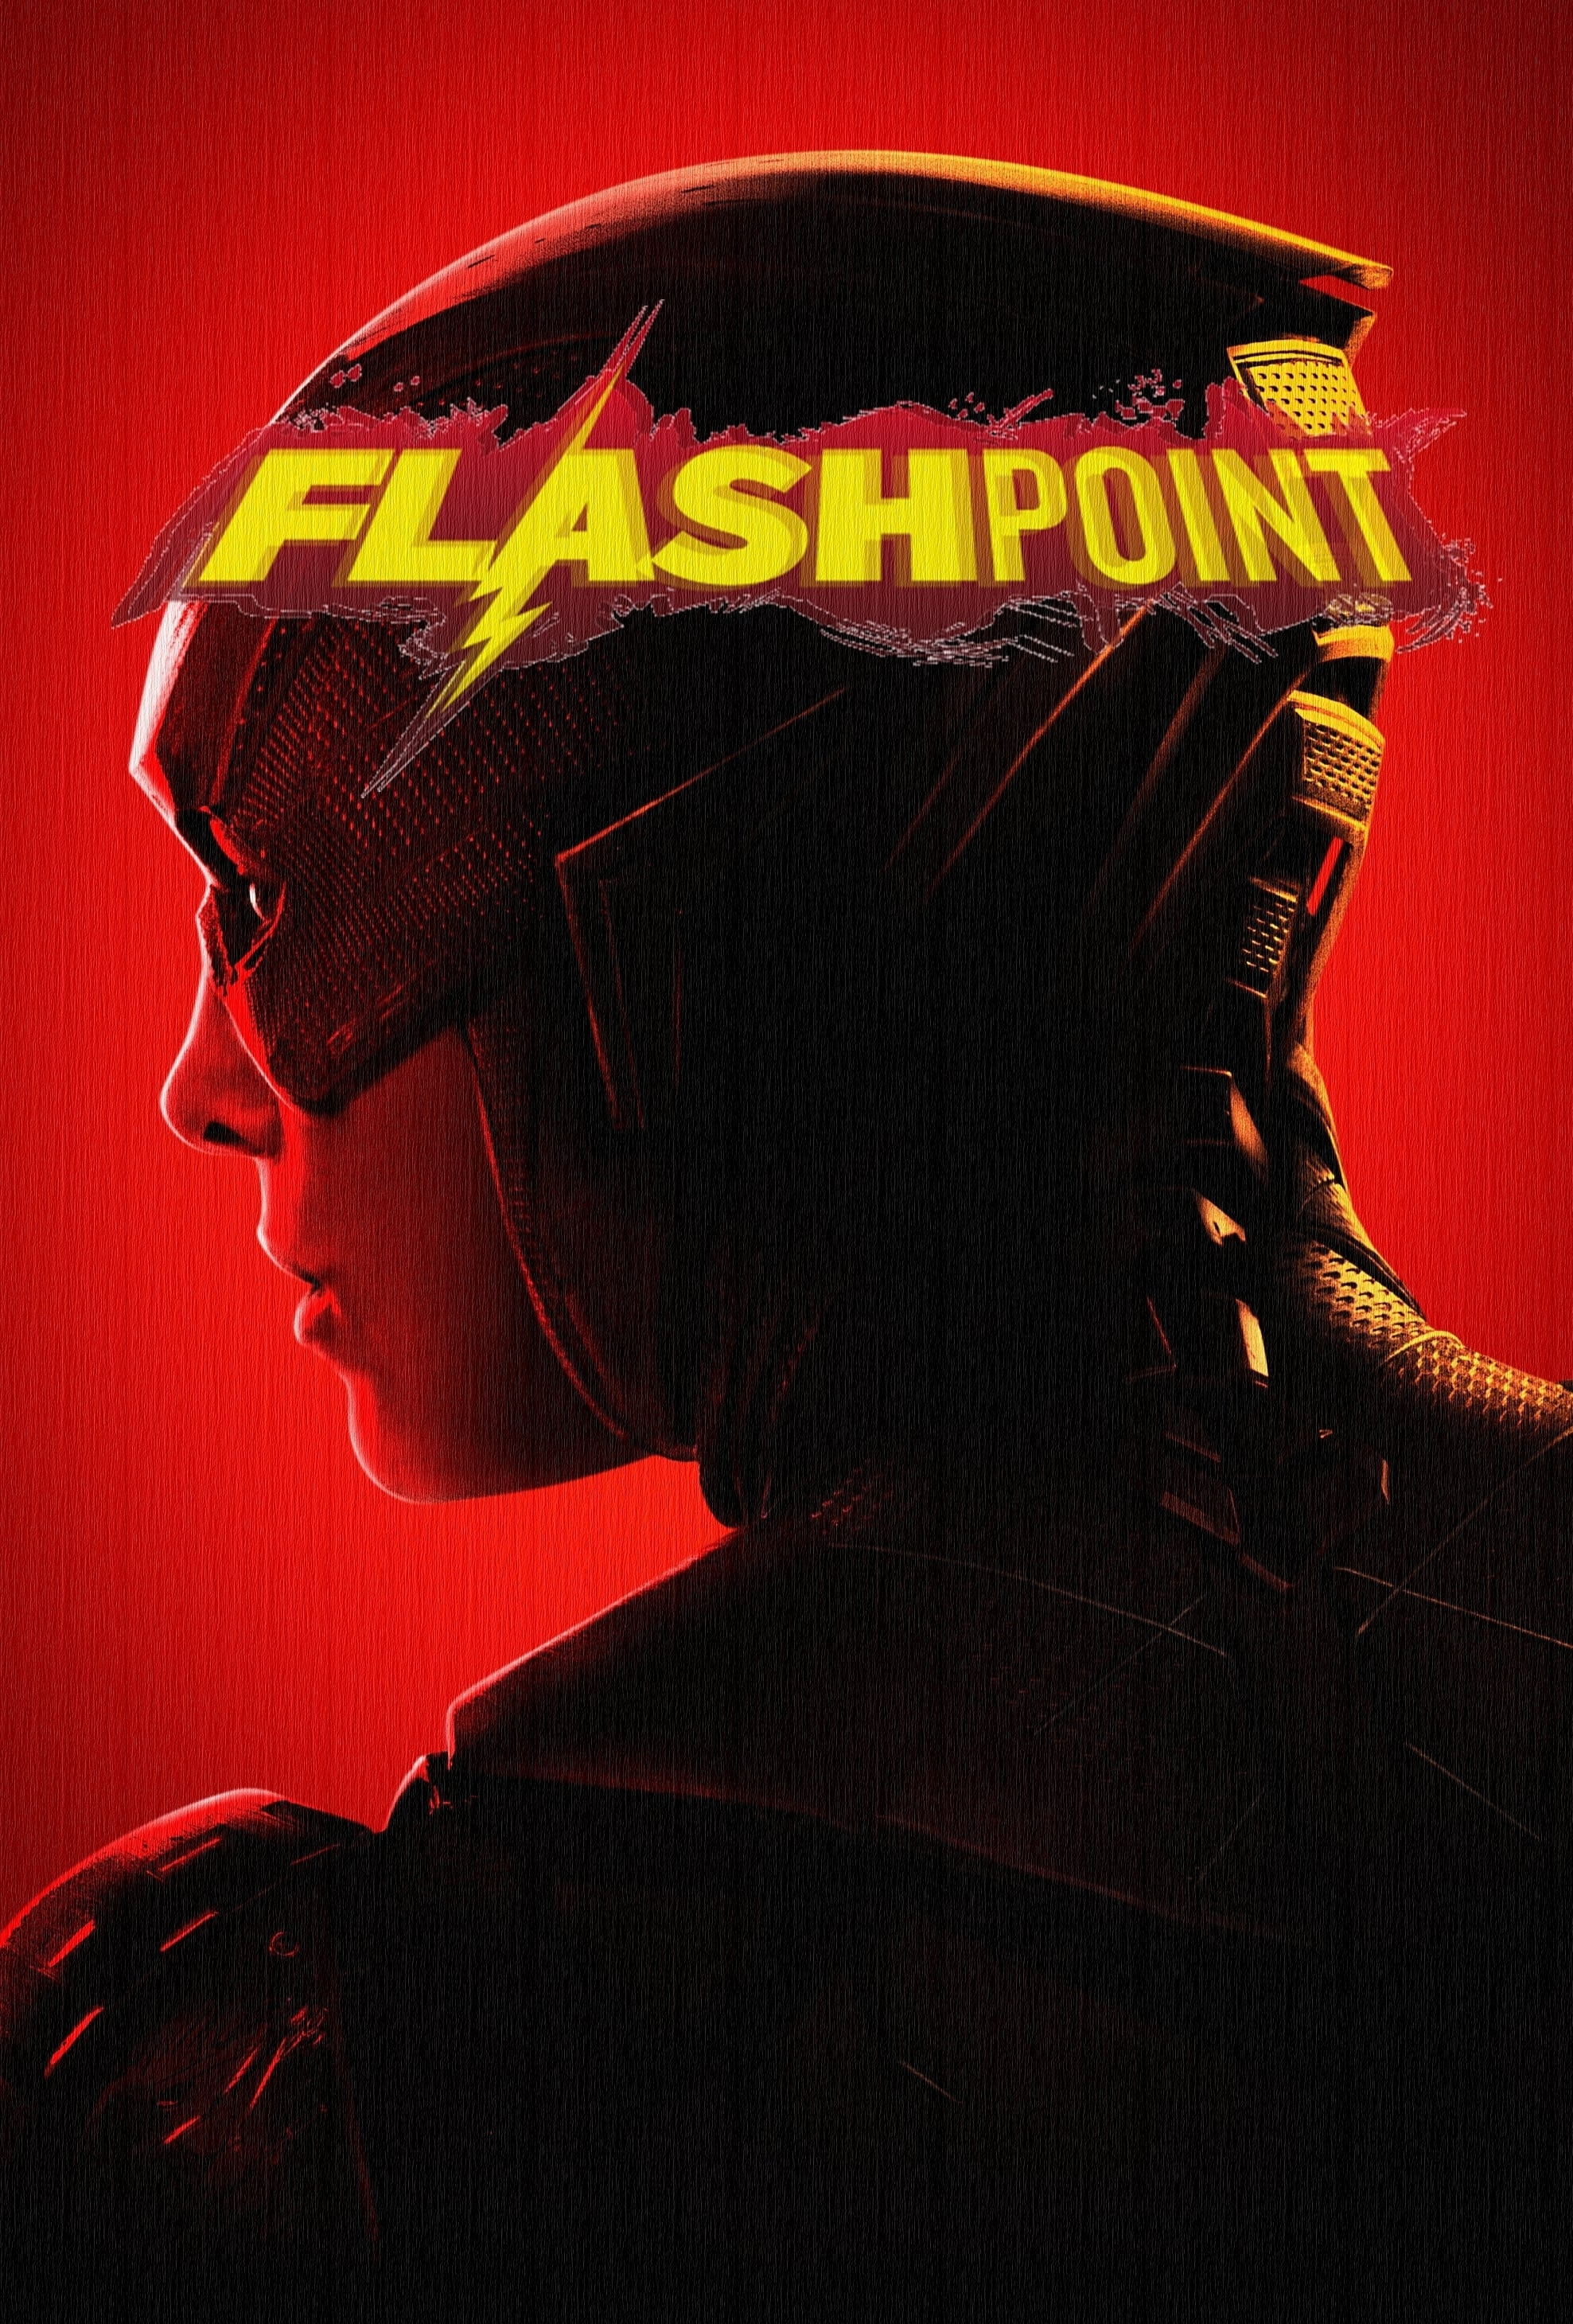 The Flash 2021 Moviesfilm Cinecom